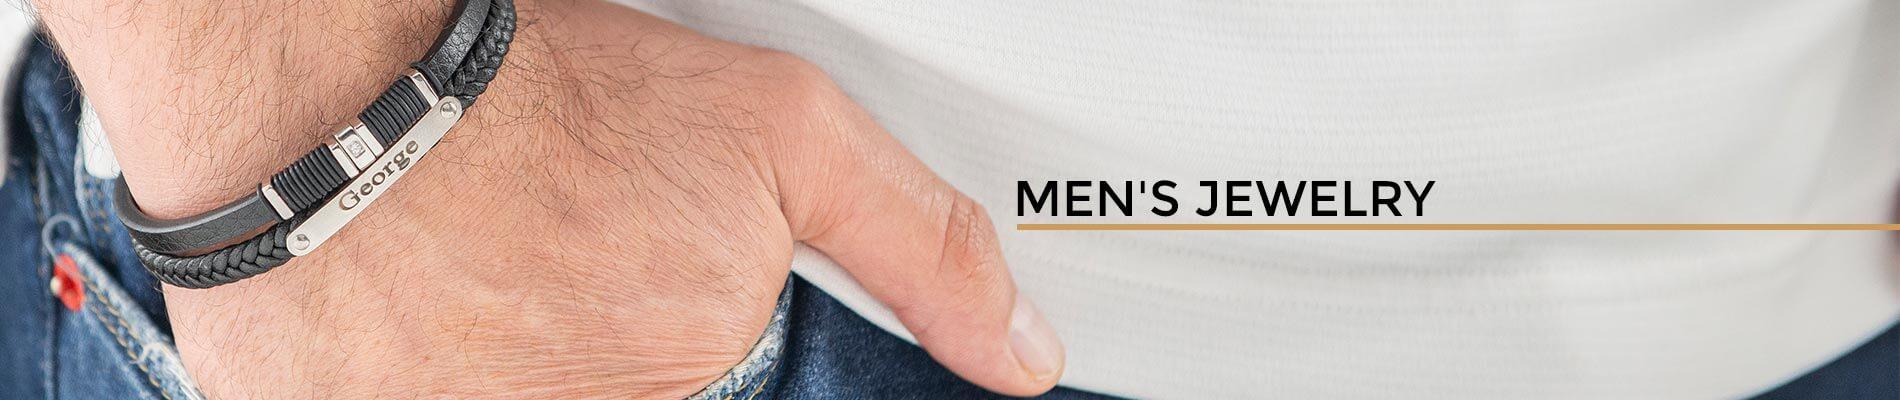 Men Jewelry Banner Desktop